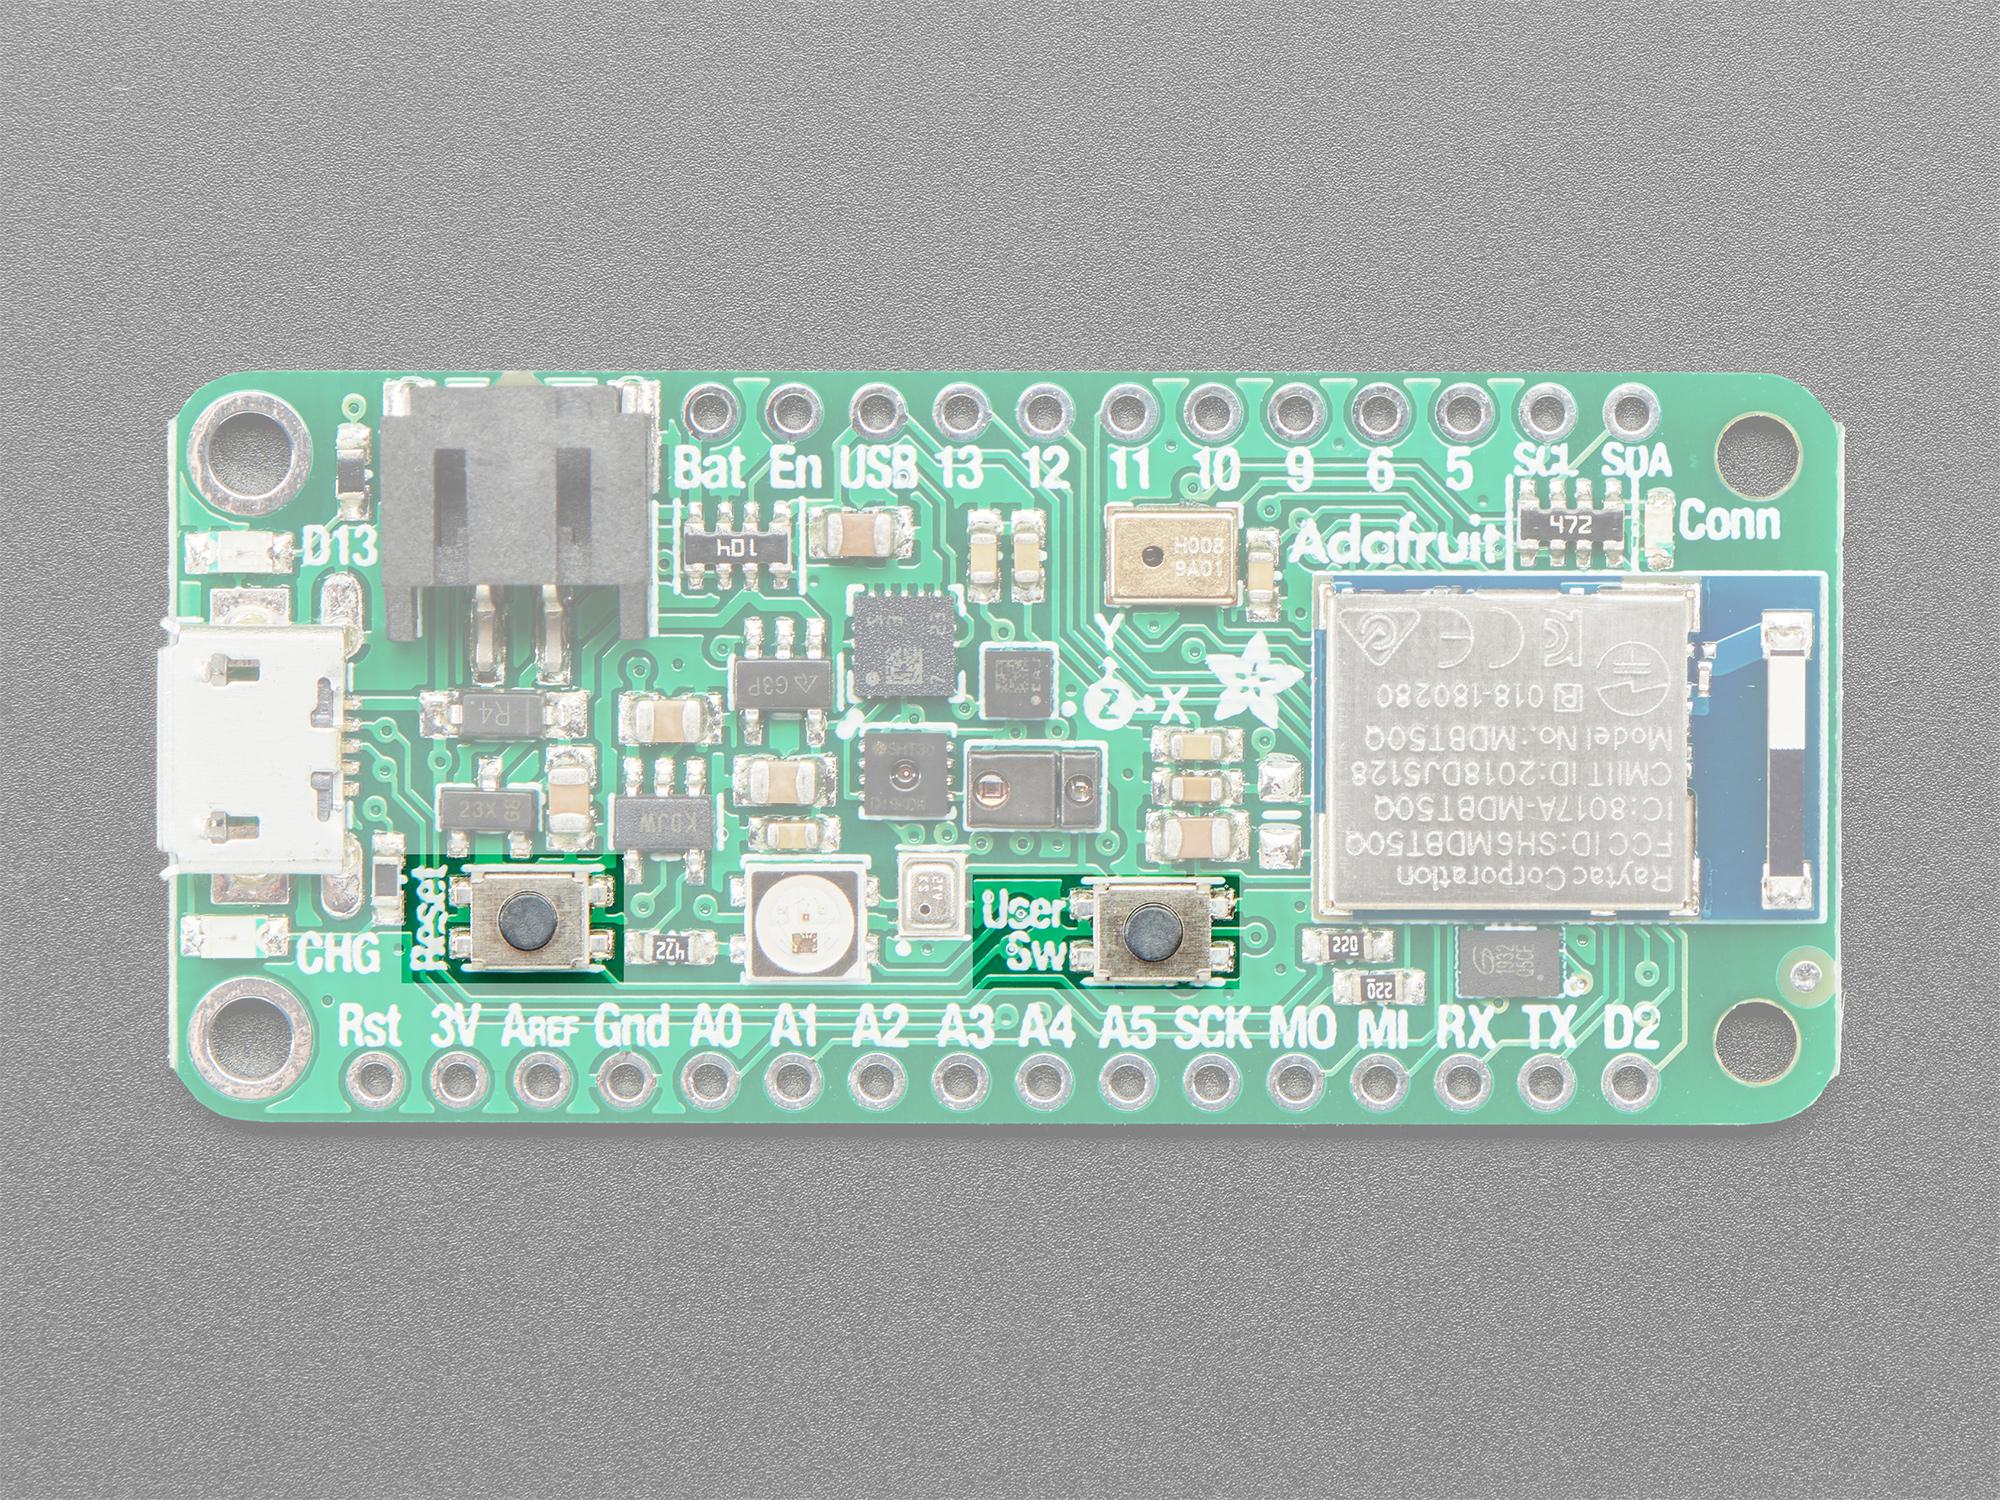 sensors_Feather_Sense_pinouts_buttons_c_2000x1500.jpg